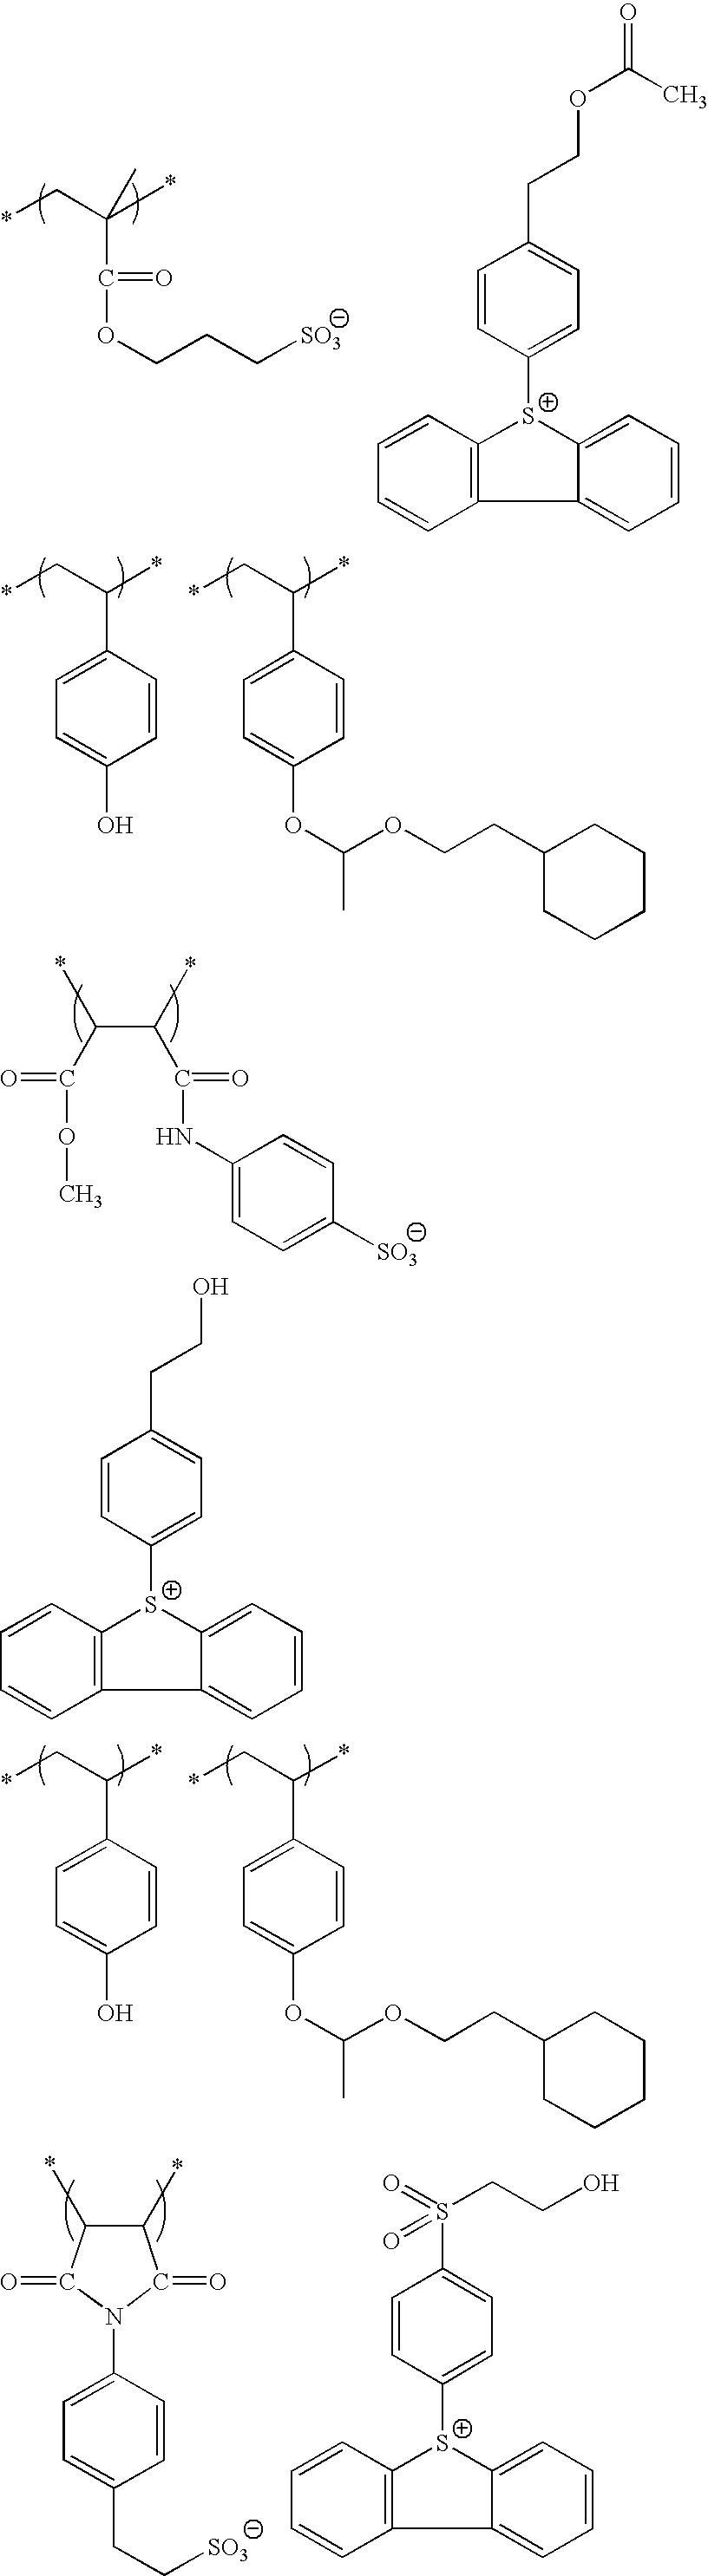 Figure US08852845-20141007-C00153